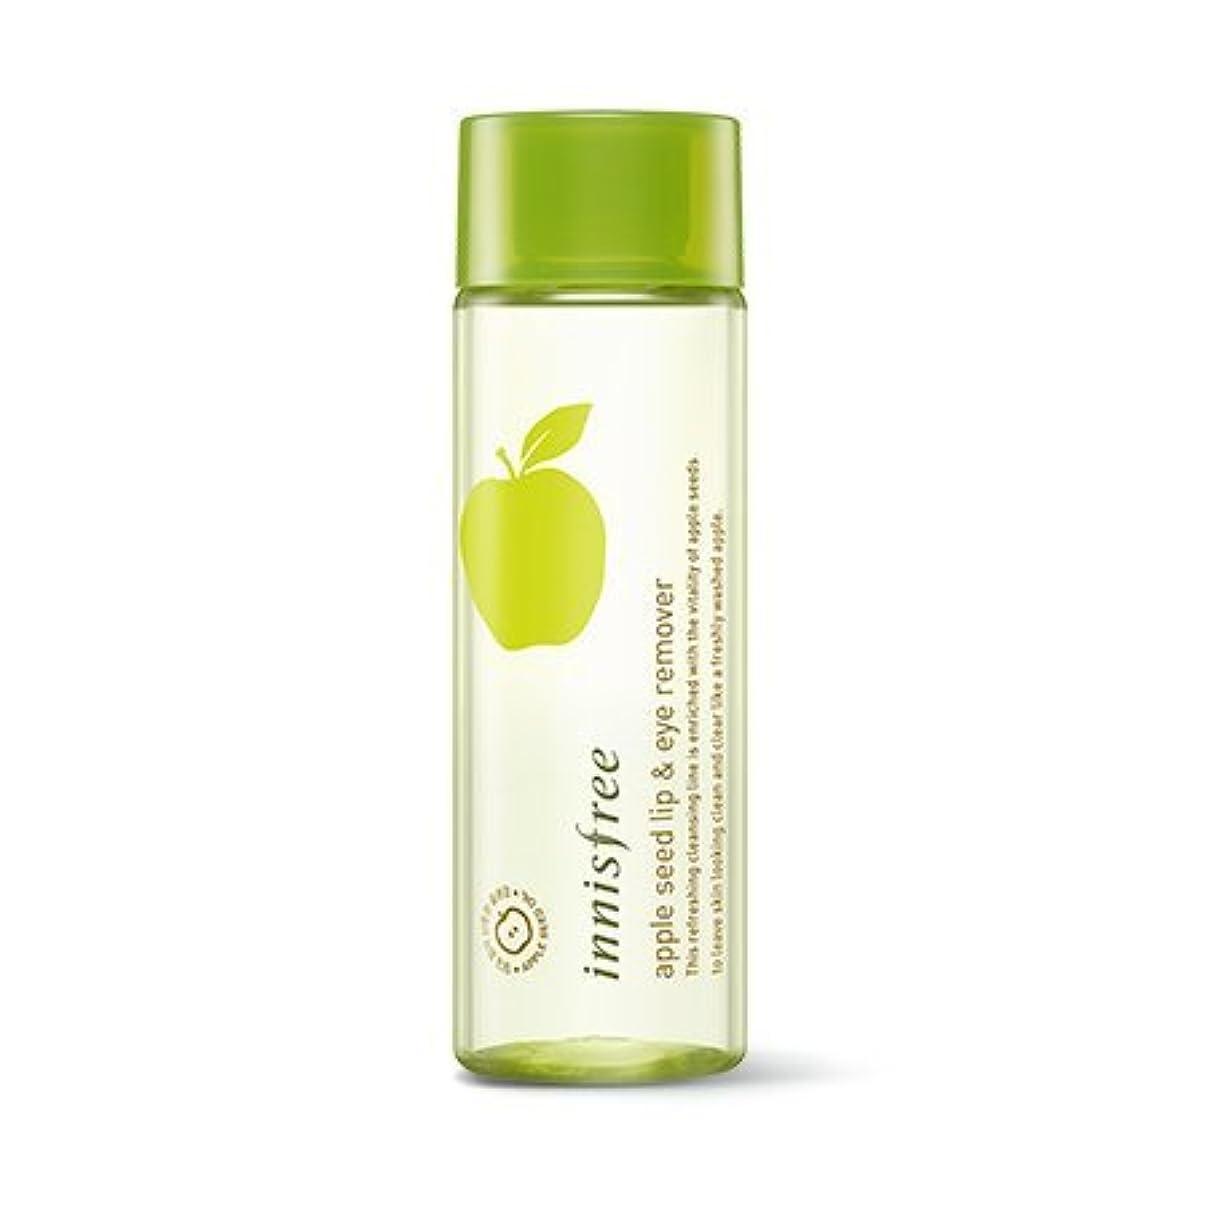 八百屋さんスラムピラミッド[New] innisfree Apple Seed Lip & Eye Remover 100ml/イニスフリー アップル シード リップ&アイ リムーバー 100ml